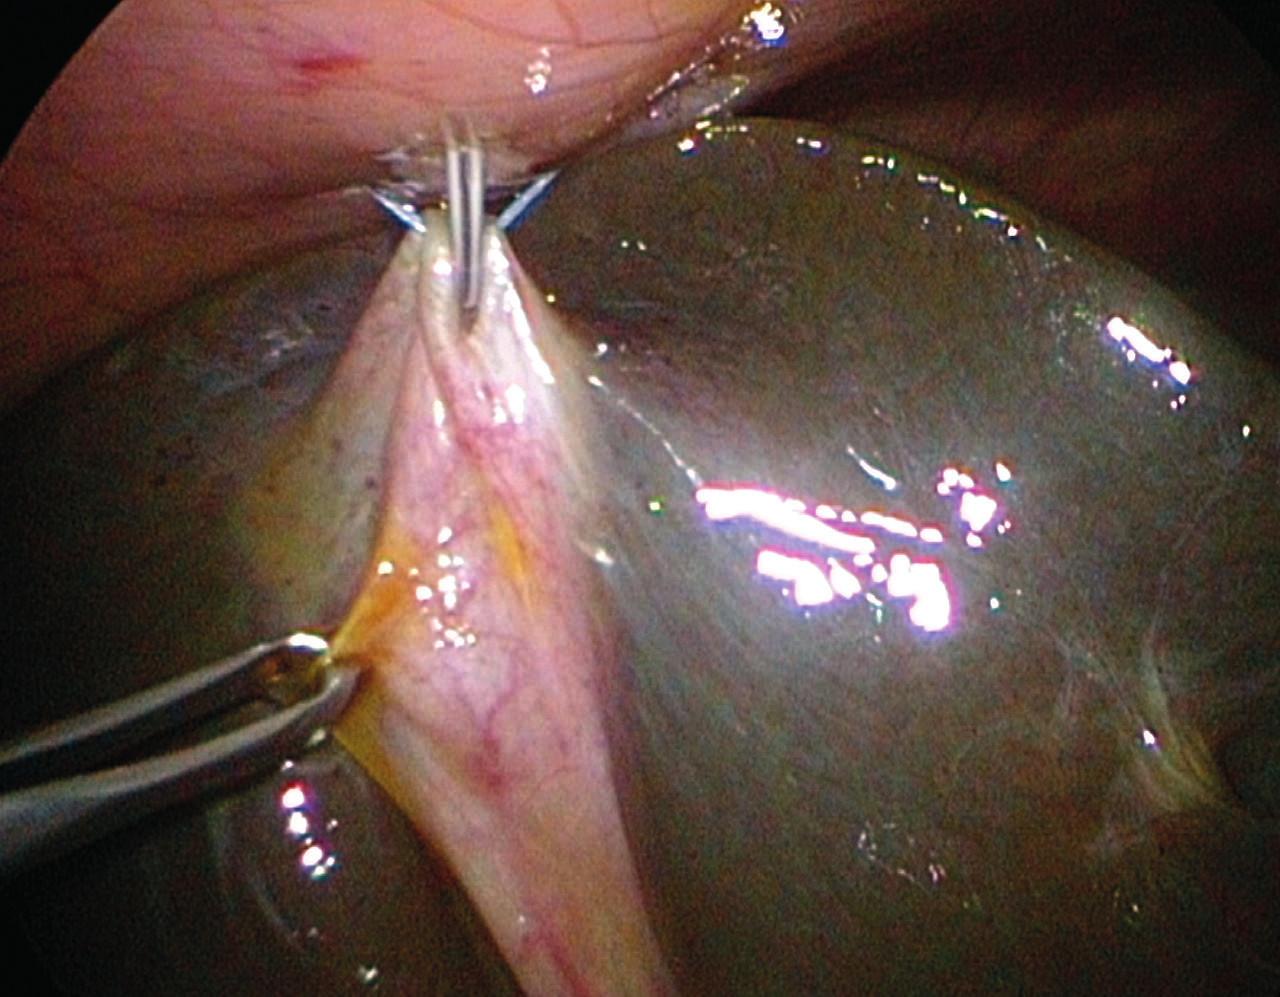 Laparoskopická cholangiografia, hypoplastický žlčník je fixovaný stehom ku prednej brušnej stene, kanyla je zavedená do žlčníka transparietálne.<br> Fig. 5. Laparoscopic cholangiography, the hypoplastic gall bladder is fixed by stich to the anterior abdominal wall, the cannula is inserted into the gallbladder transparietally.